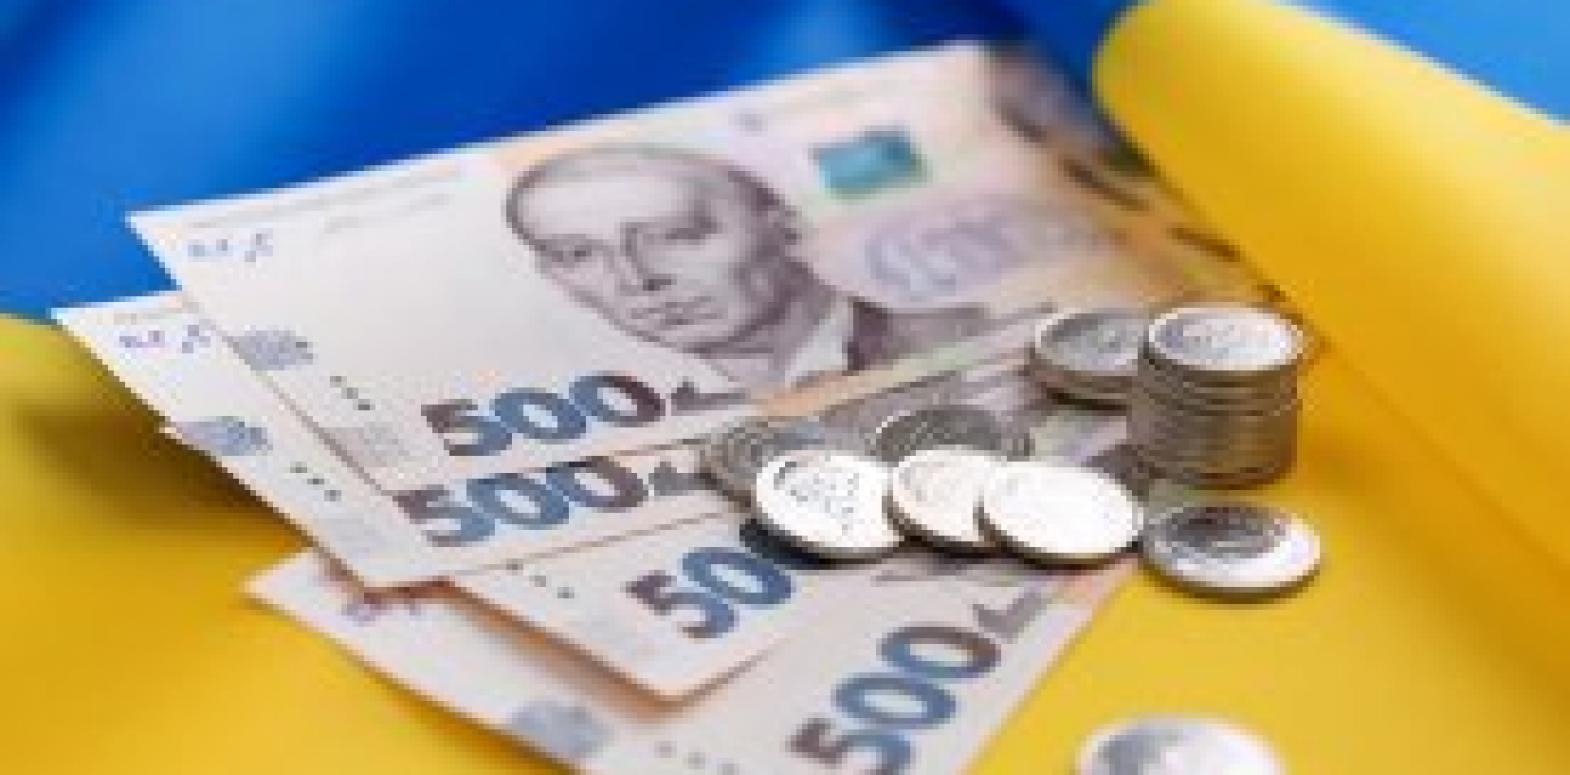 Правительство пообещало увеличить размер реальной зарплаты на 9%